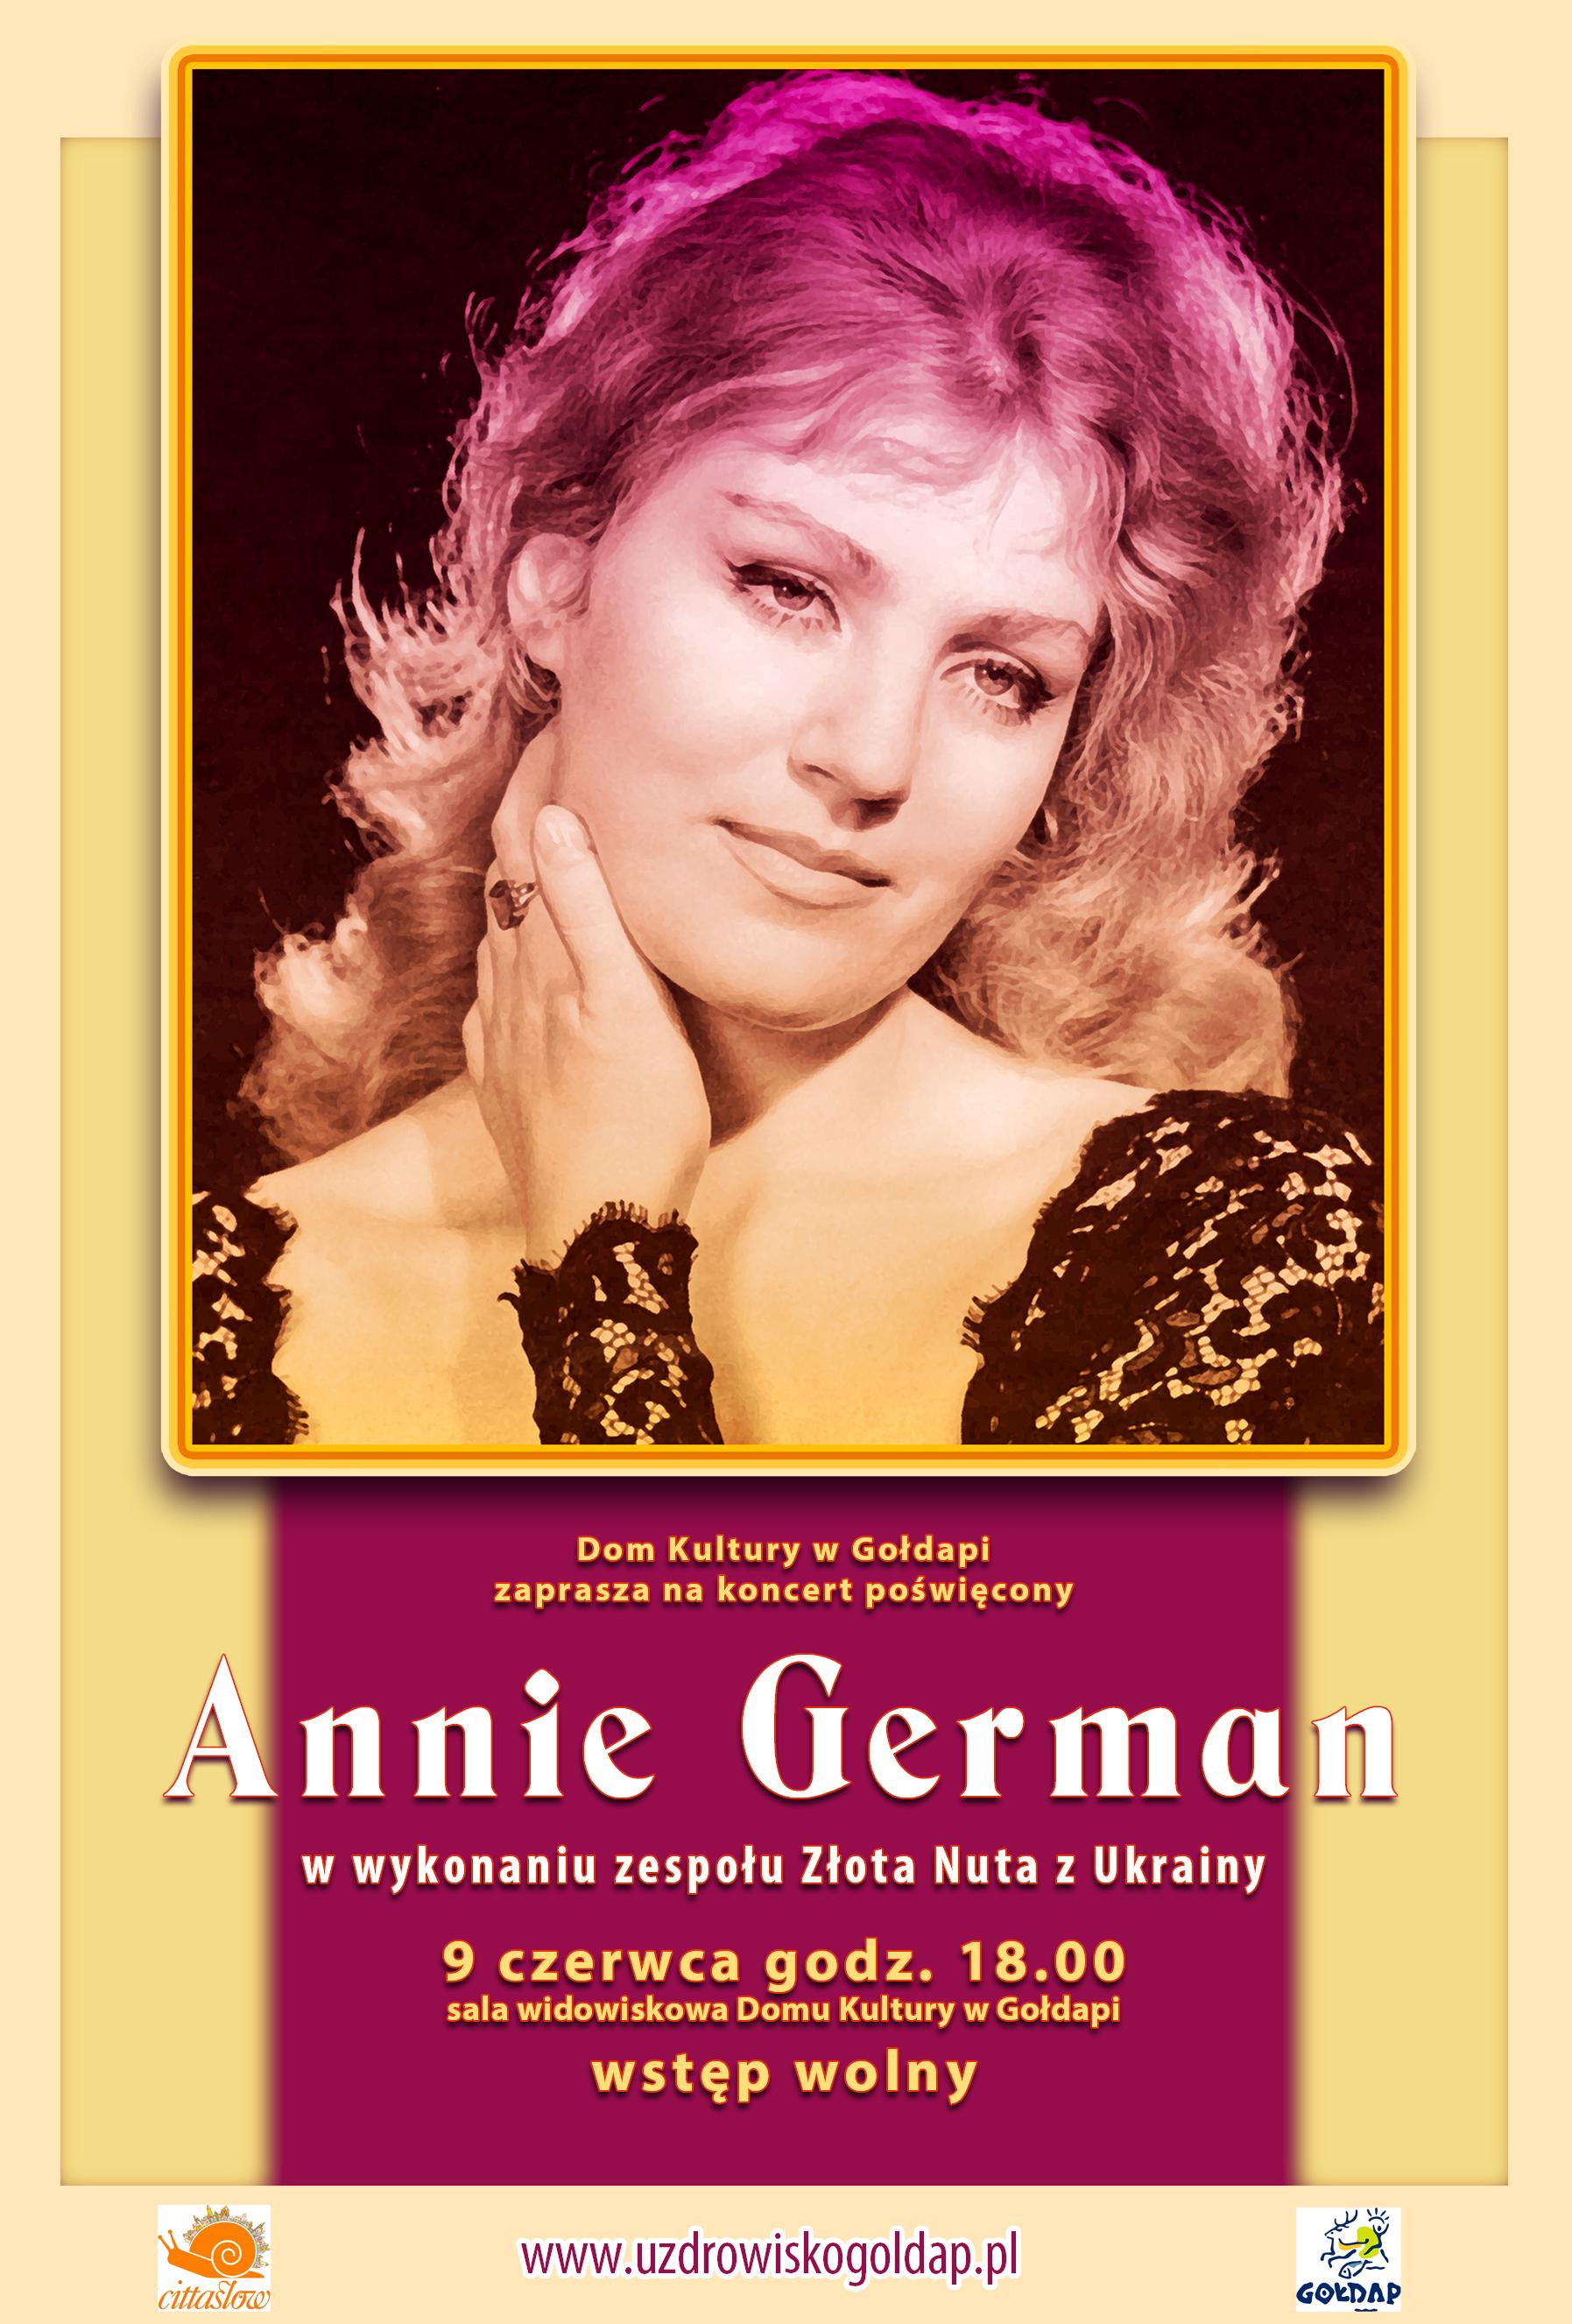 Koncert poświęcony Annie German